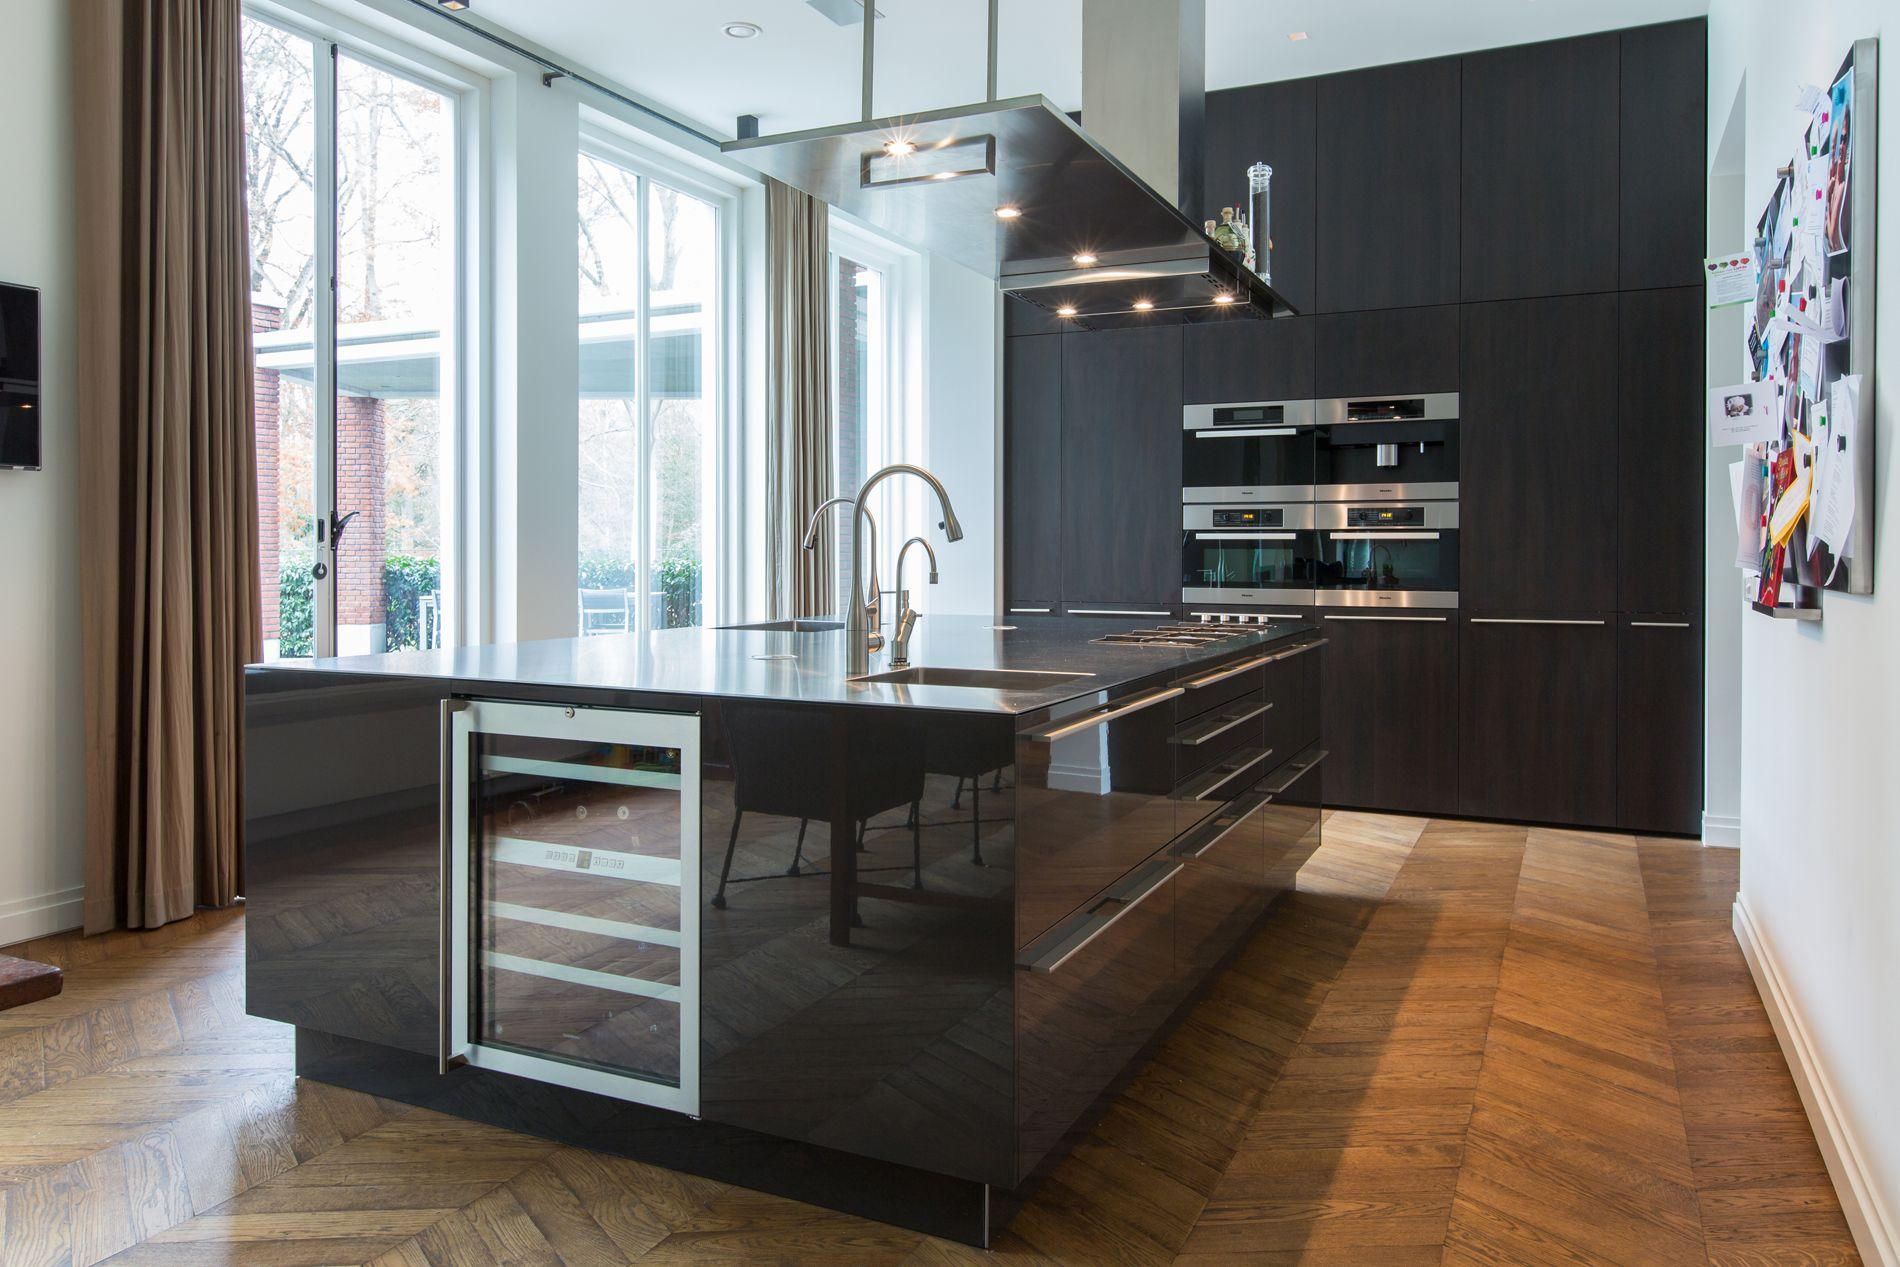 Tolle Küchentrends 2015 Nz Bilder - Ideen Für Die Küche Dekoration ...